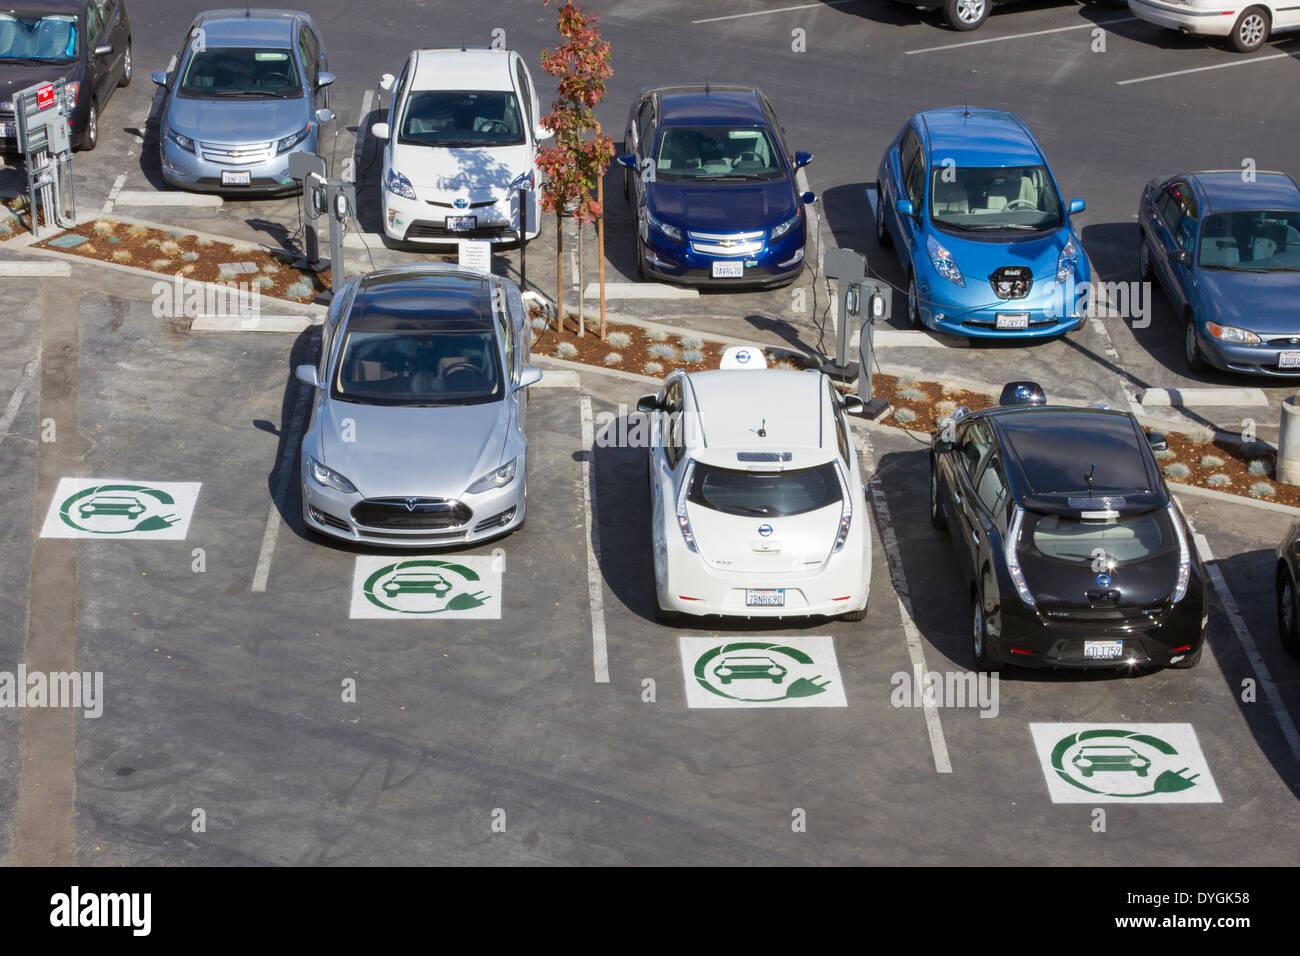 Los distintos tipos de enchufe eléctrico en los automóviles estacionados en EV estaciones de carga en un estacionamiento de la empresa Imagen De Stock